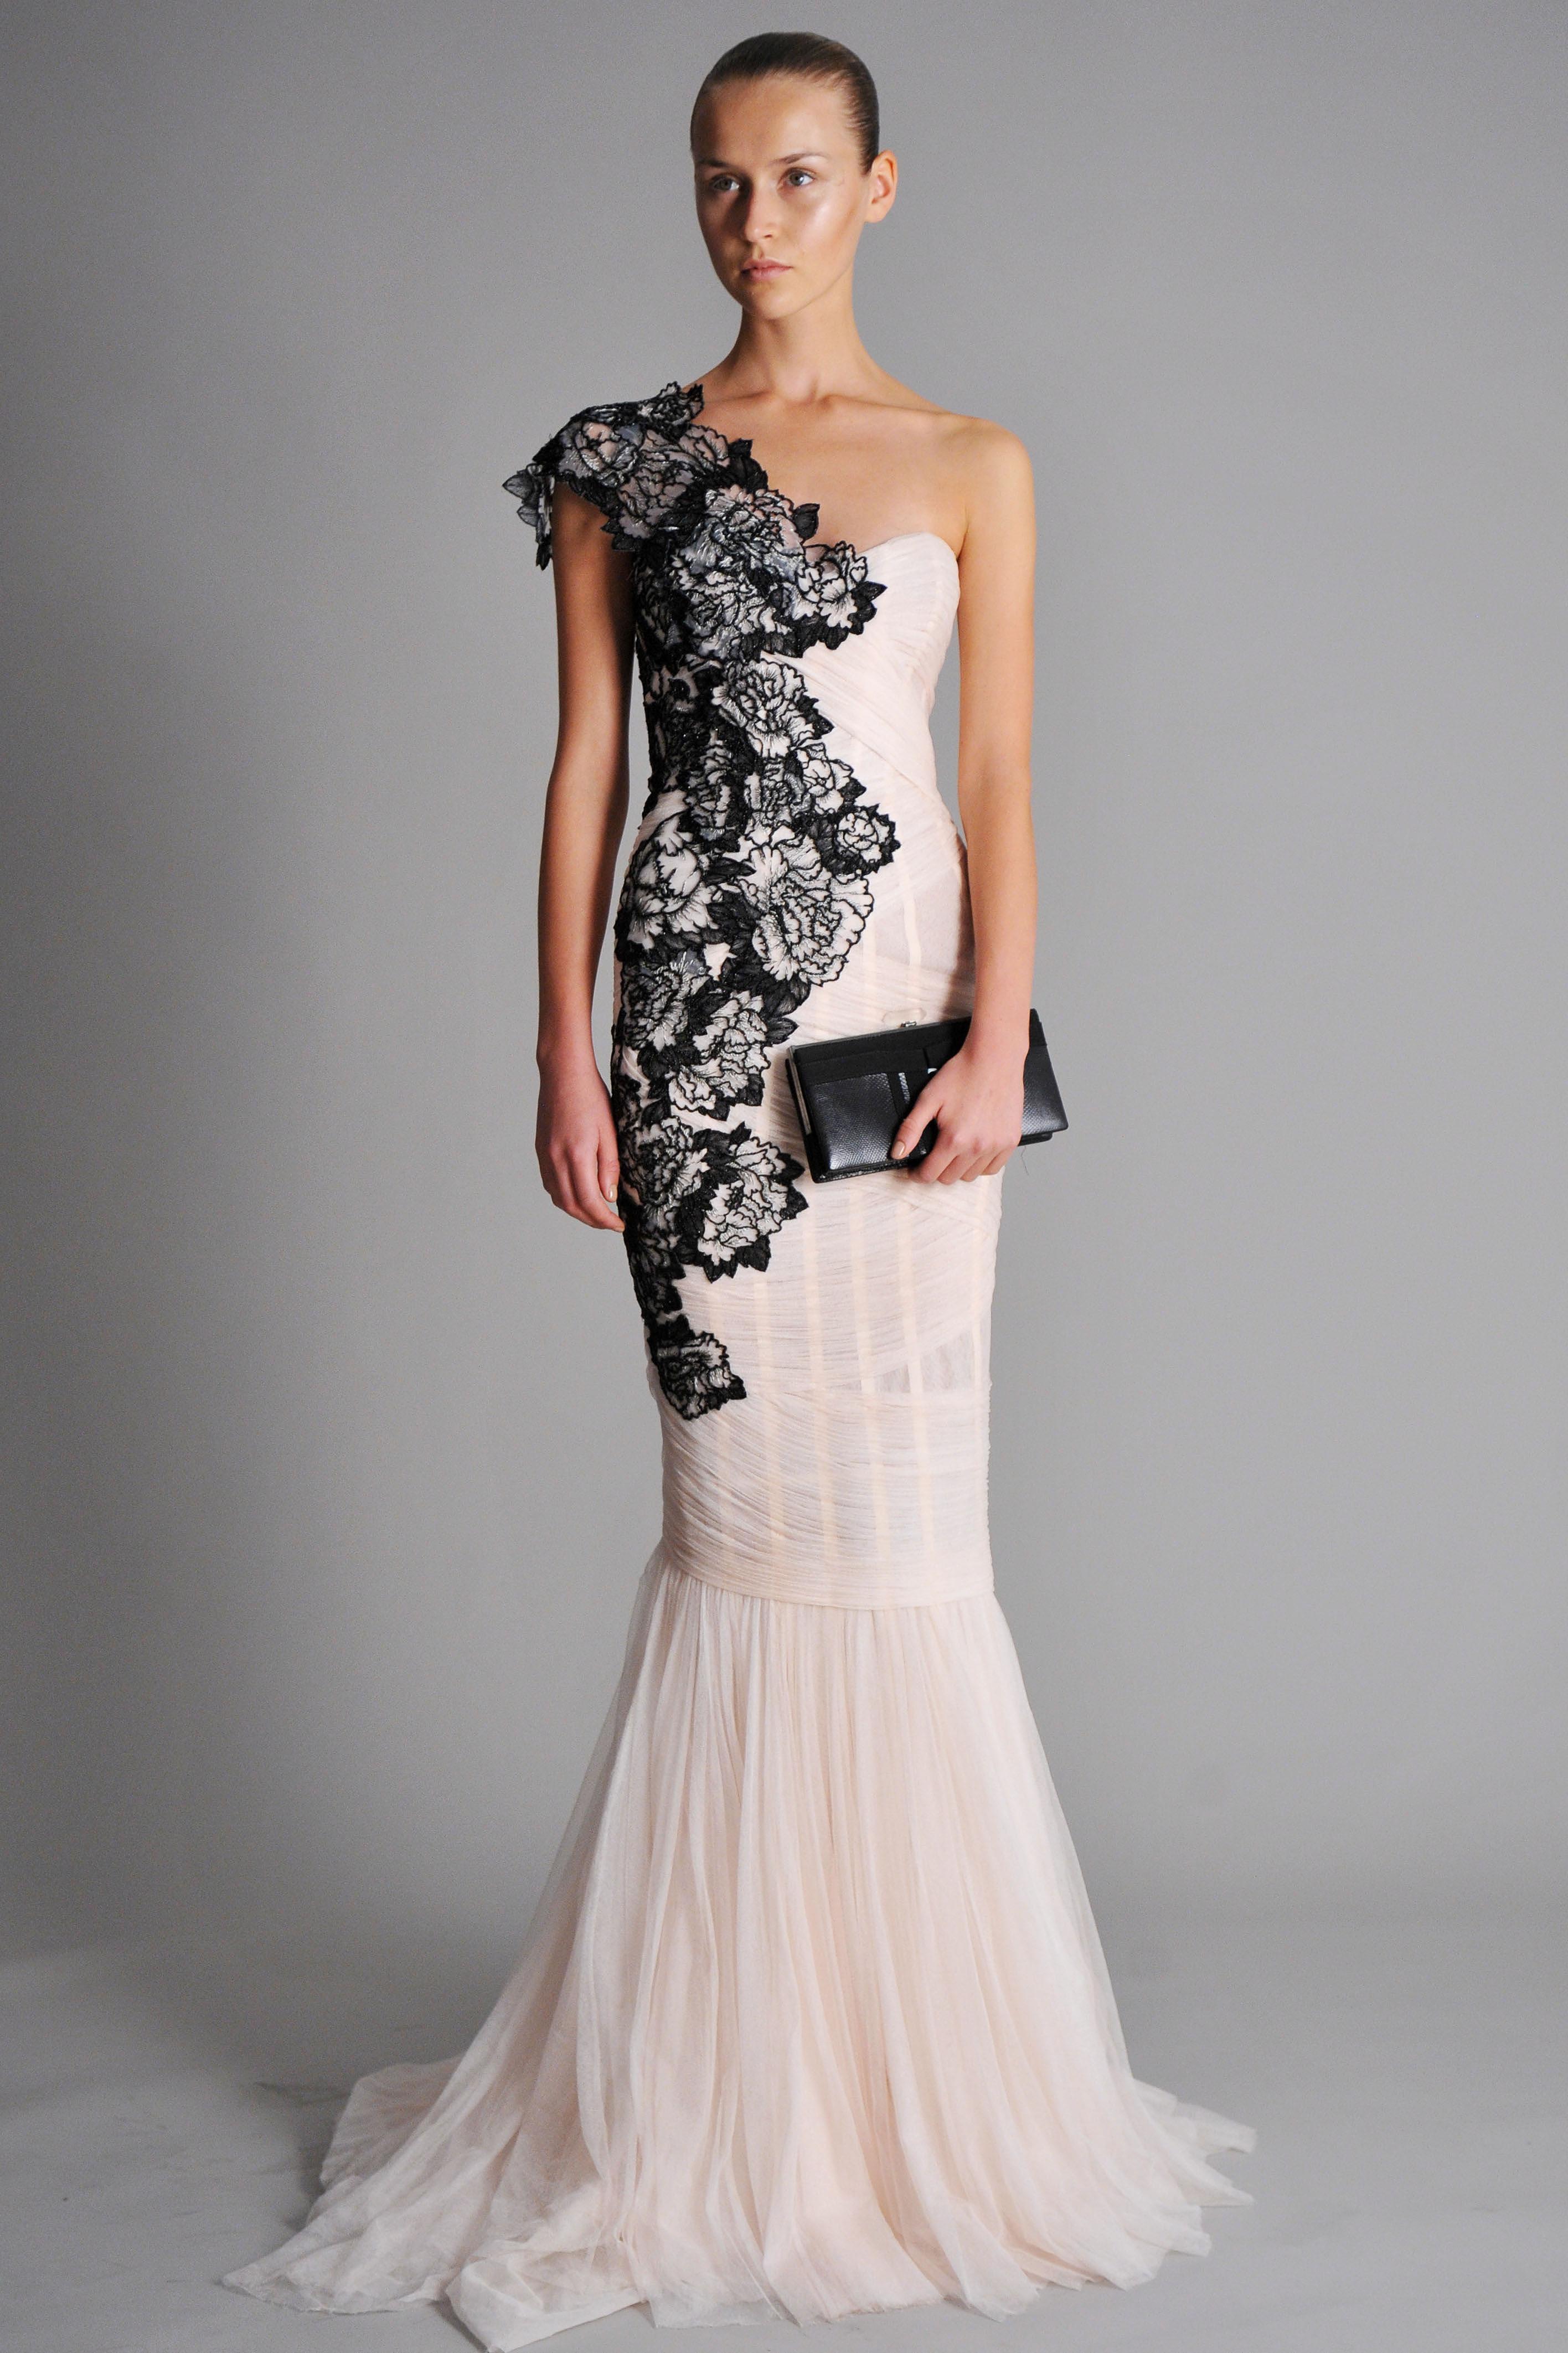 Фото платьев из гепюра